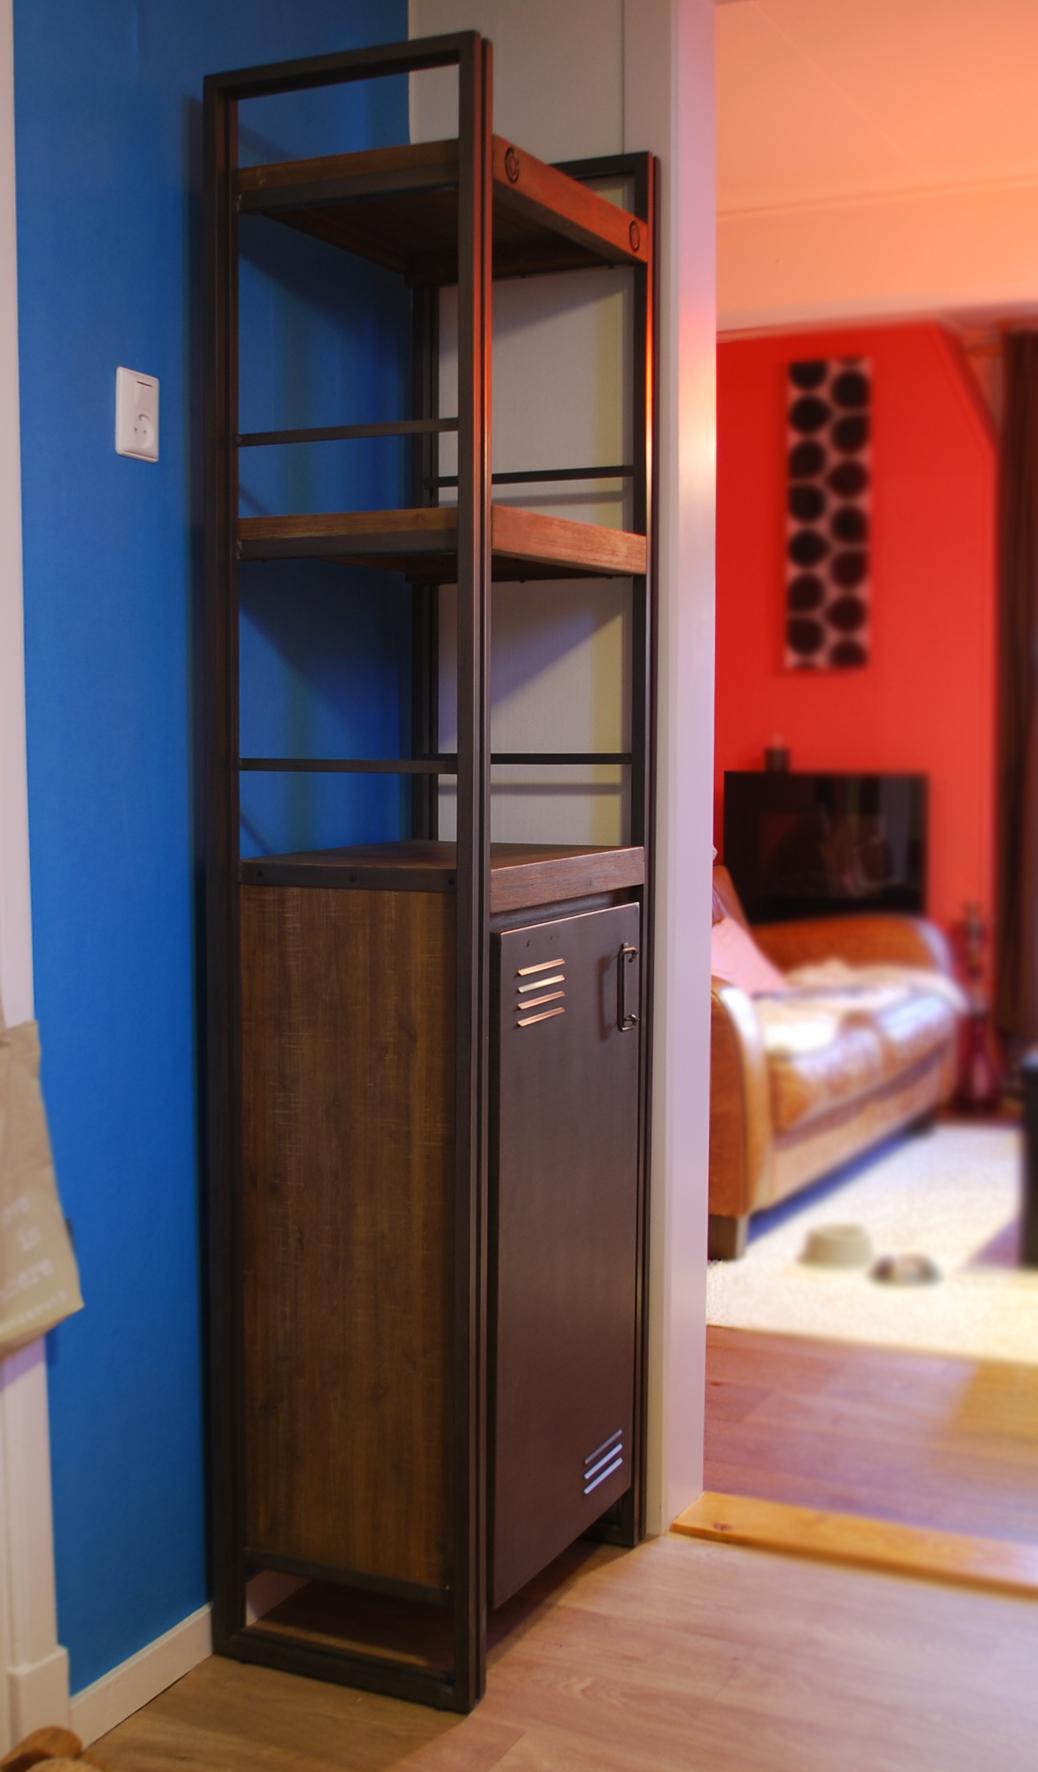 op maat gemaakte kast woonkamer: gangboord 14 papendrecht, Deco ideeën